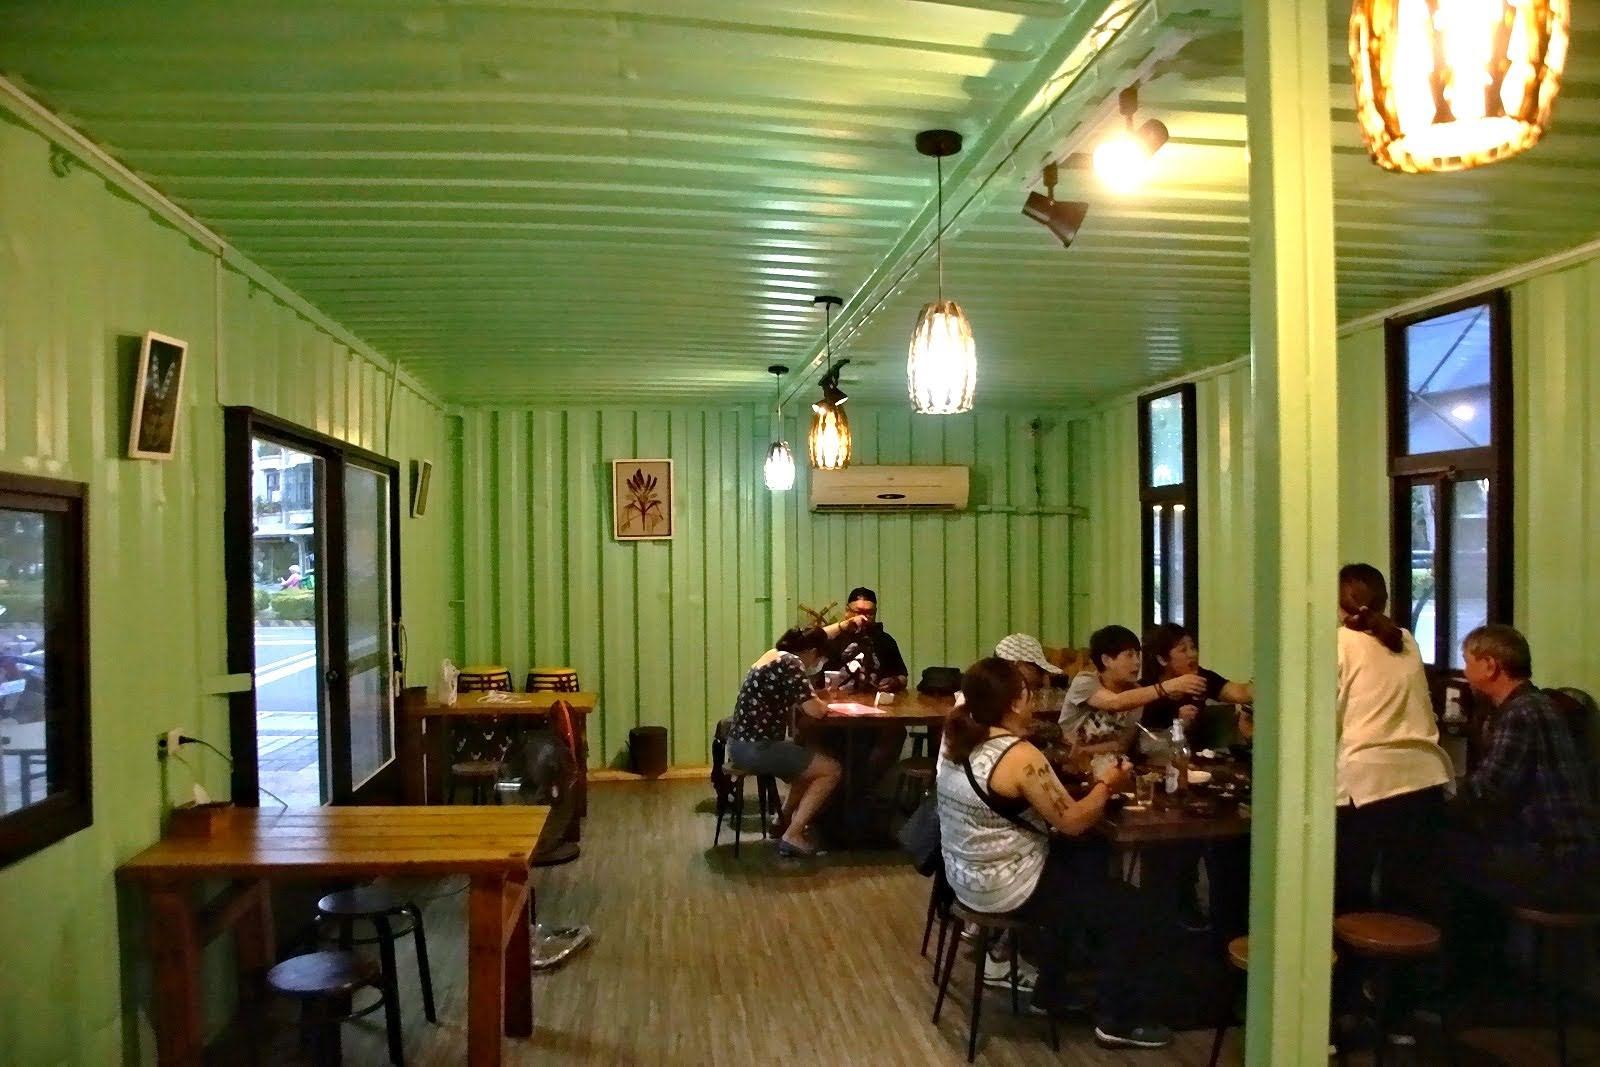 [台南][北區] 聚會所熱炒燒烤|市區少見的原住民美食餐廳|食記